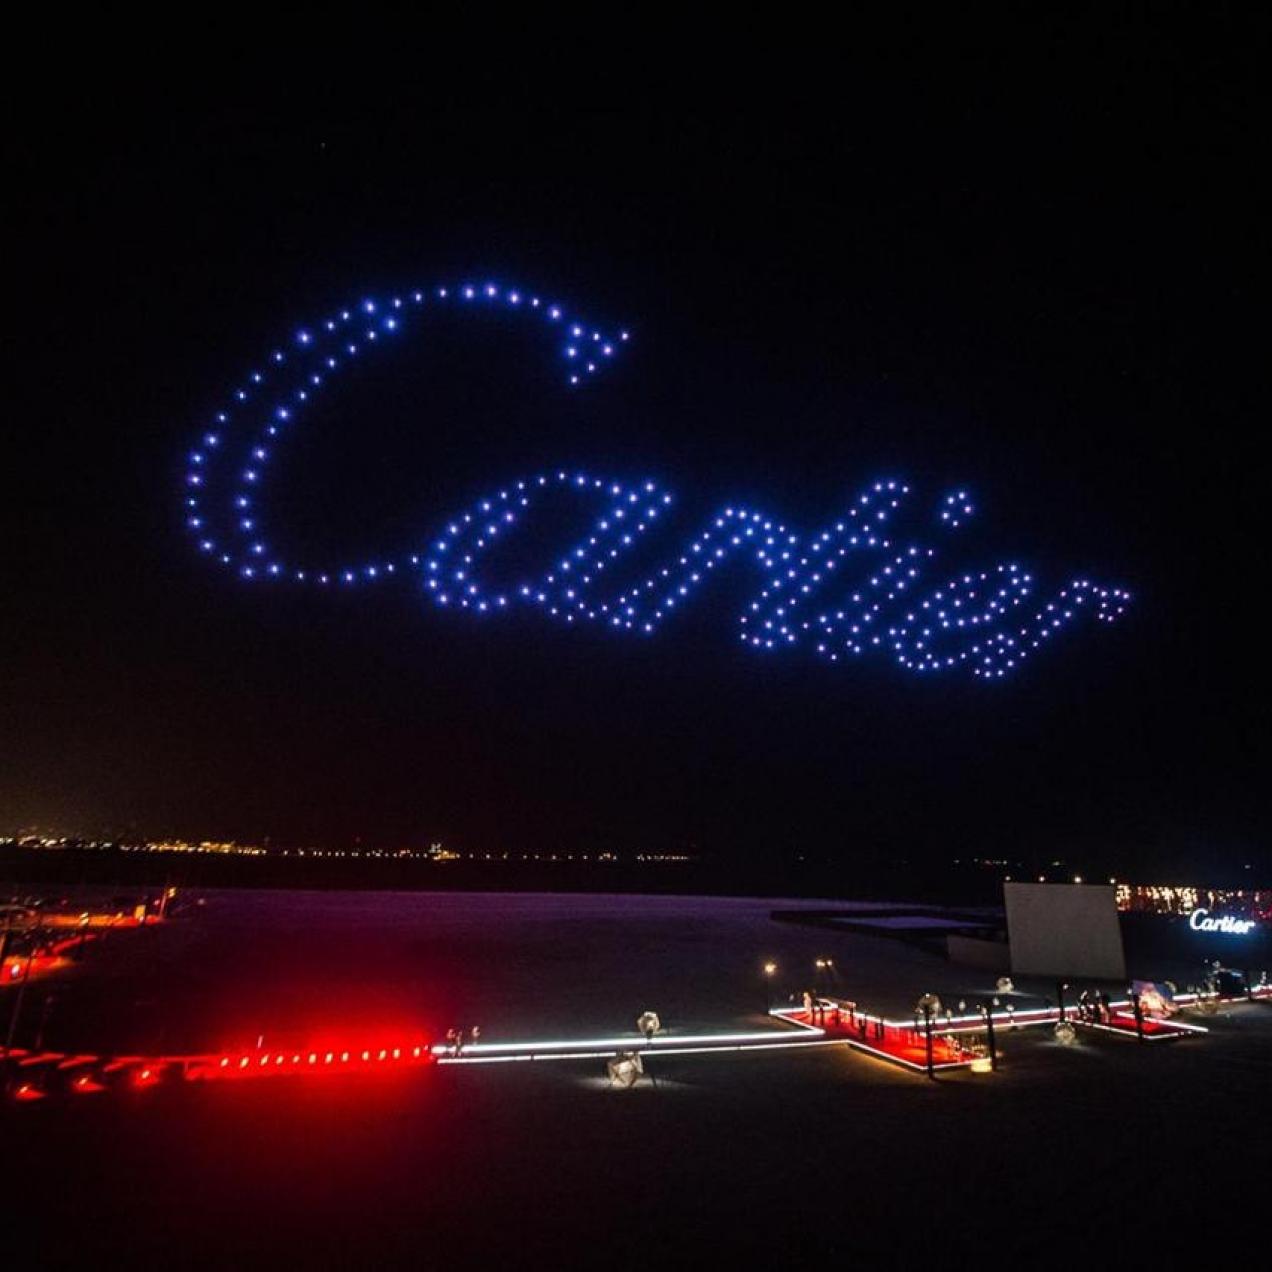 L'événément de Cartier à Dubaï n'était pas un mirage